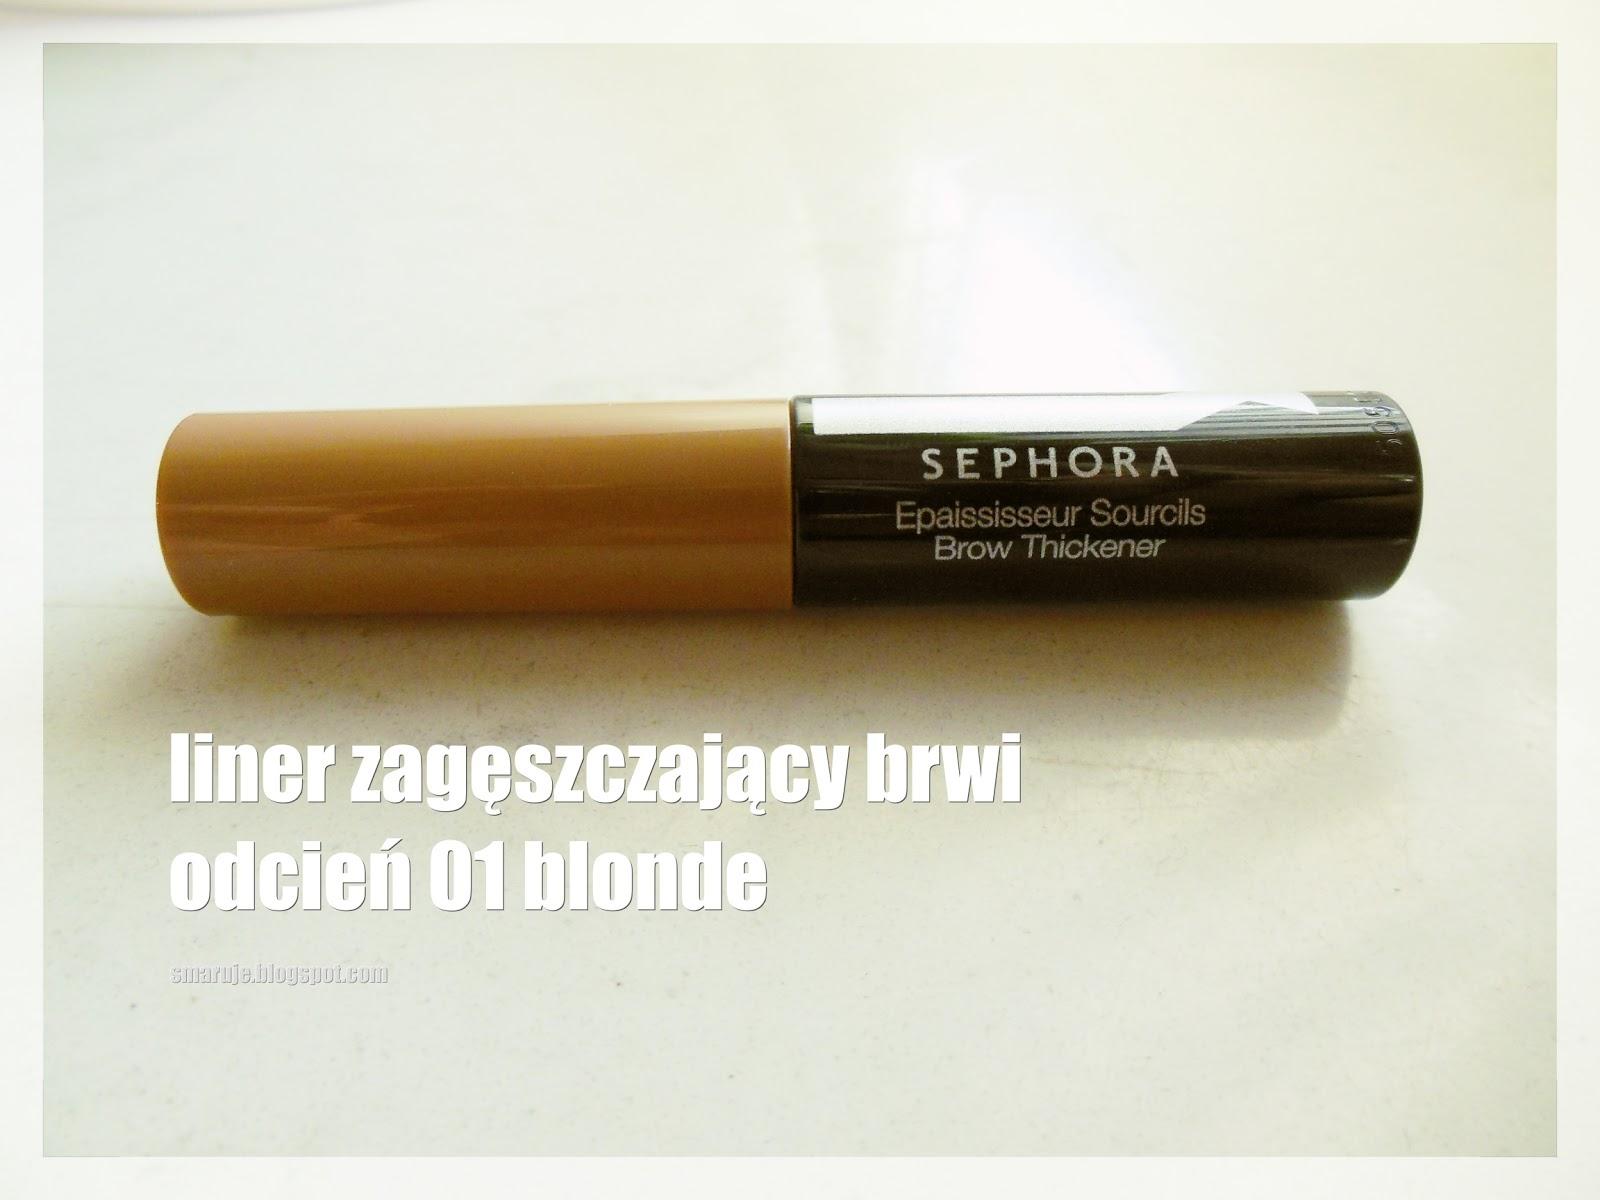 Sephora –Brow Thickener – liner zagęszczający brwi /recenzja/